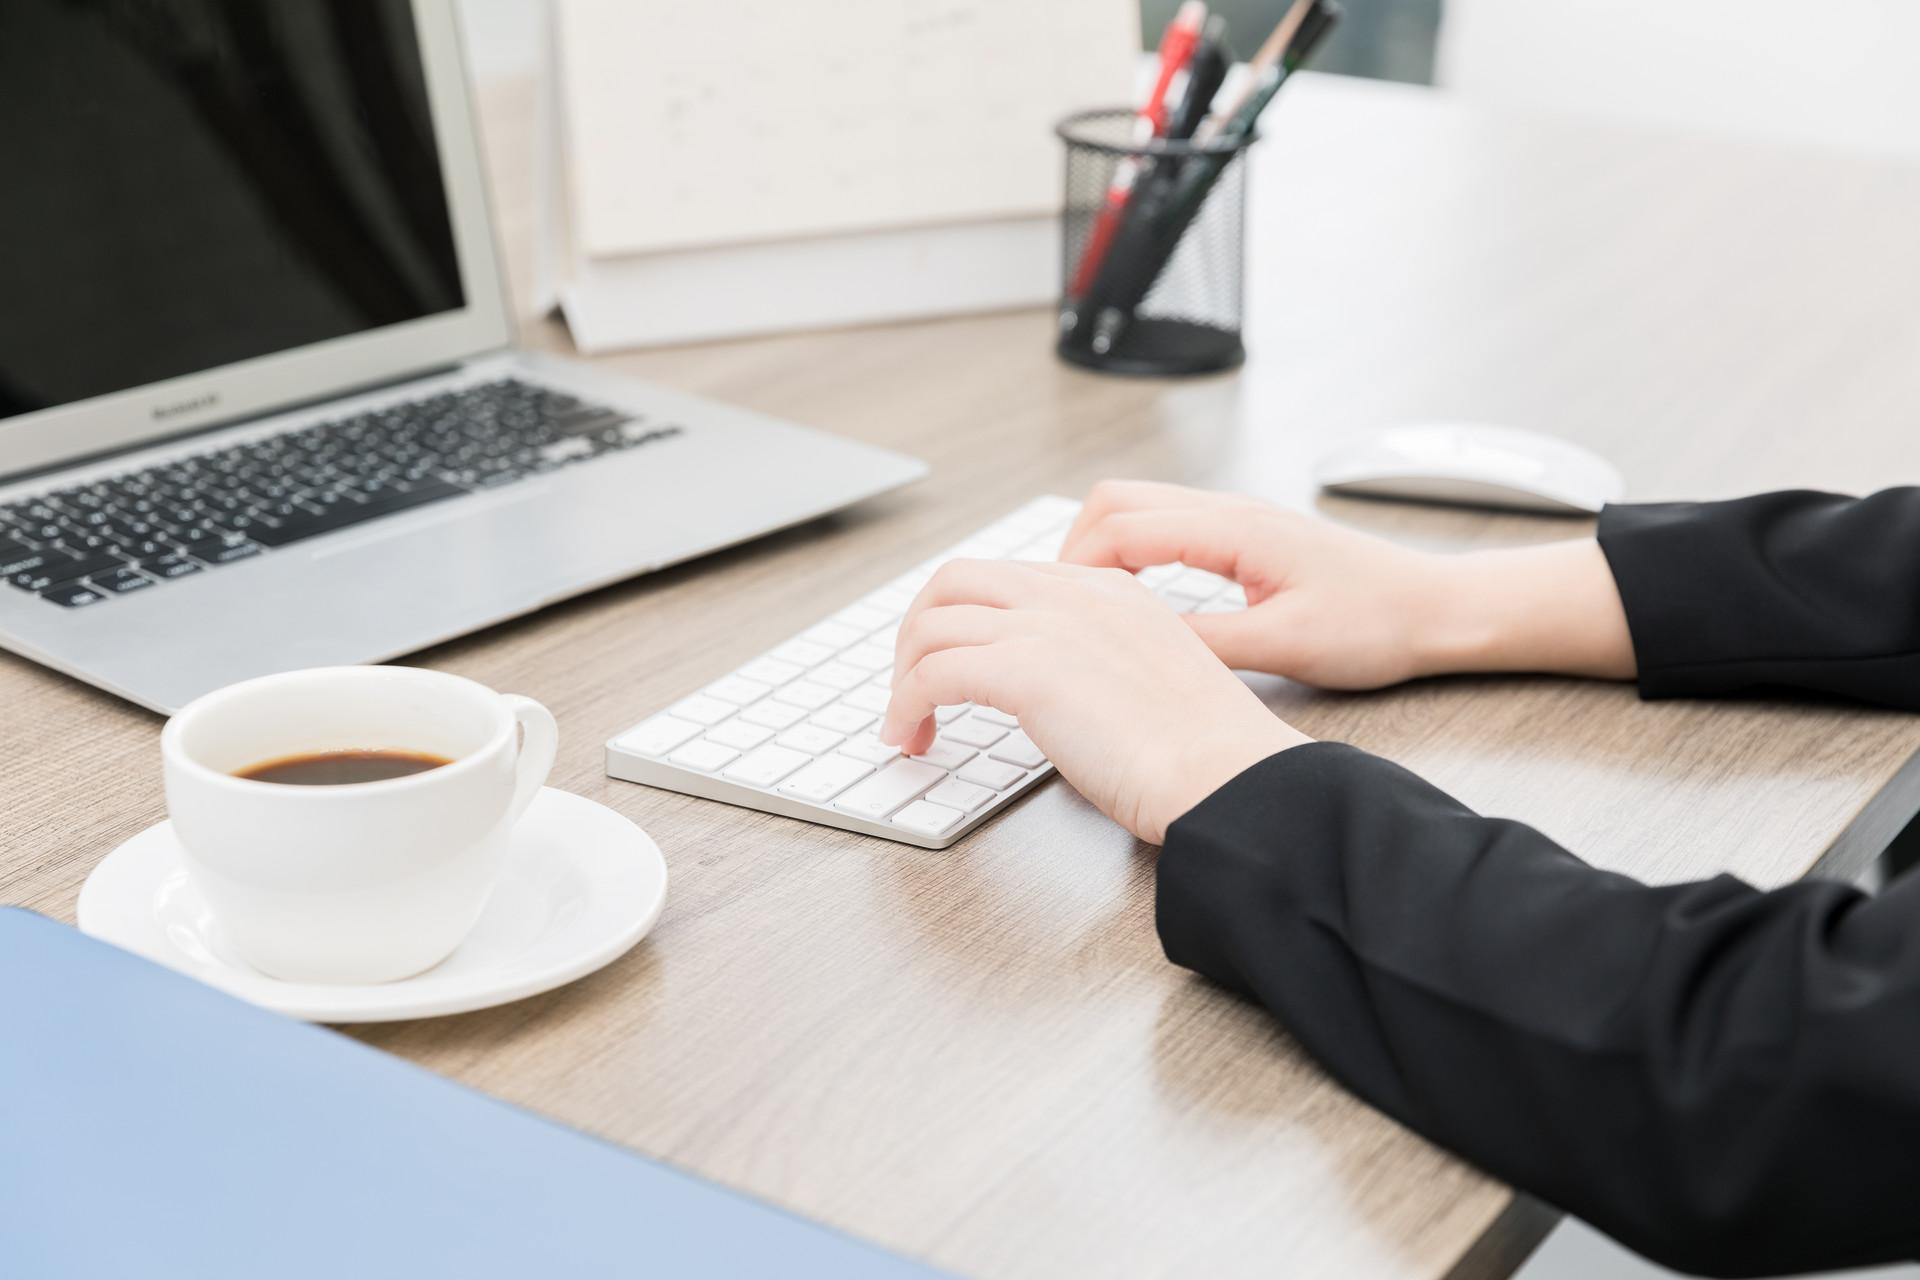 犀牛云分享:企业建站为什么一定要找专业的网站建设公司